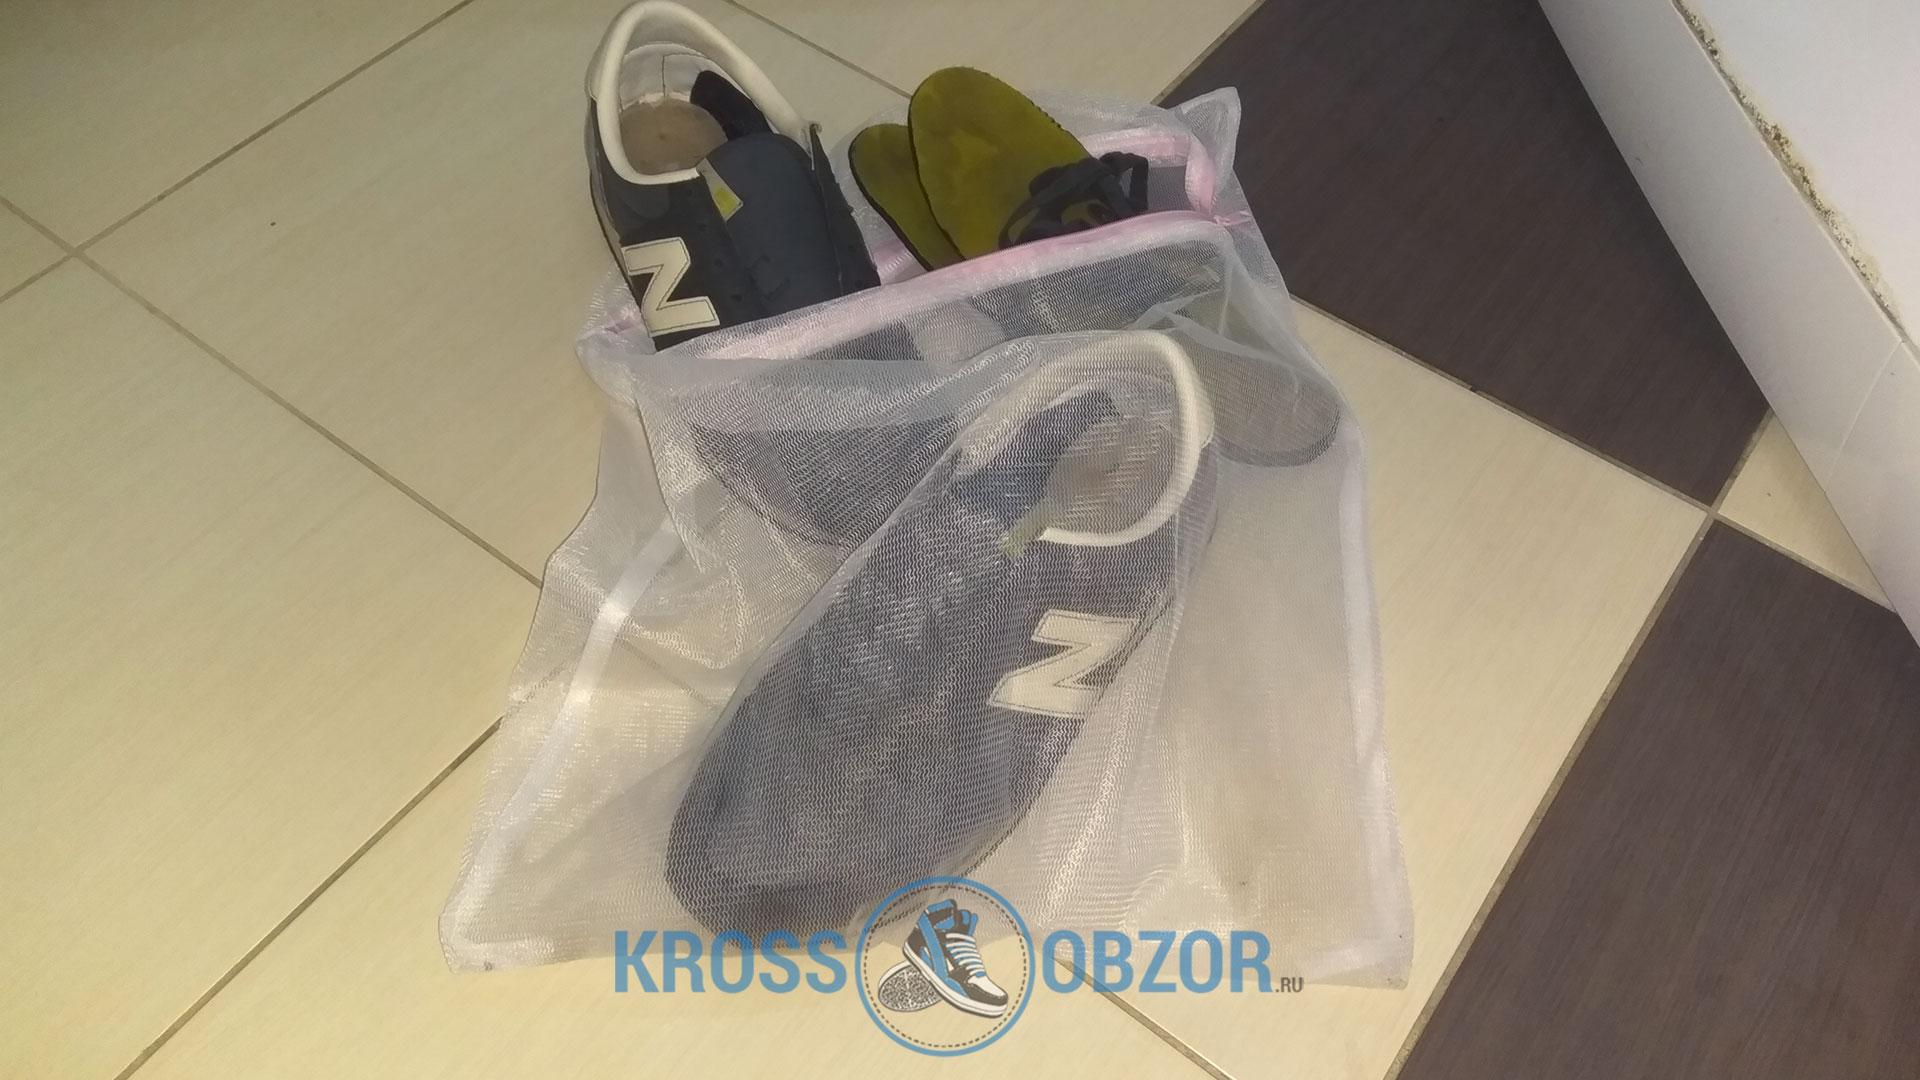 Кладем кроссовки в мешок для стирки